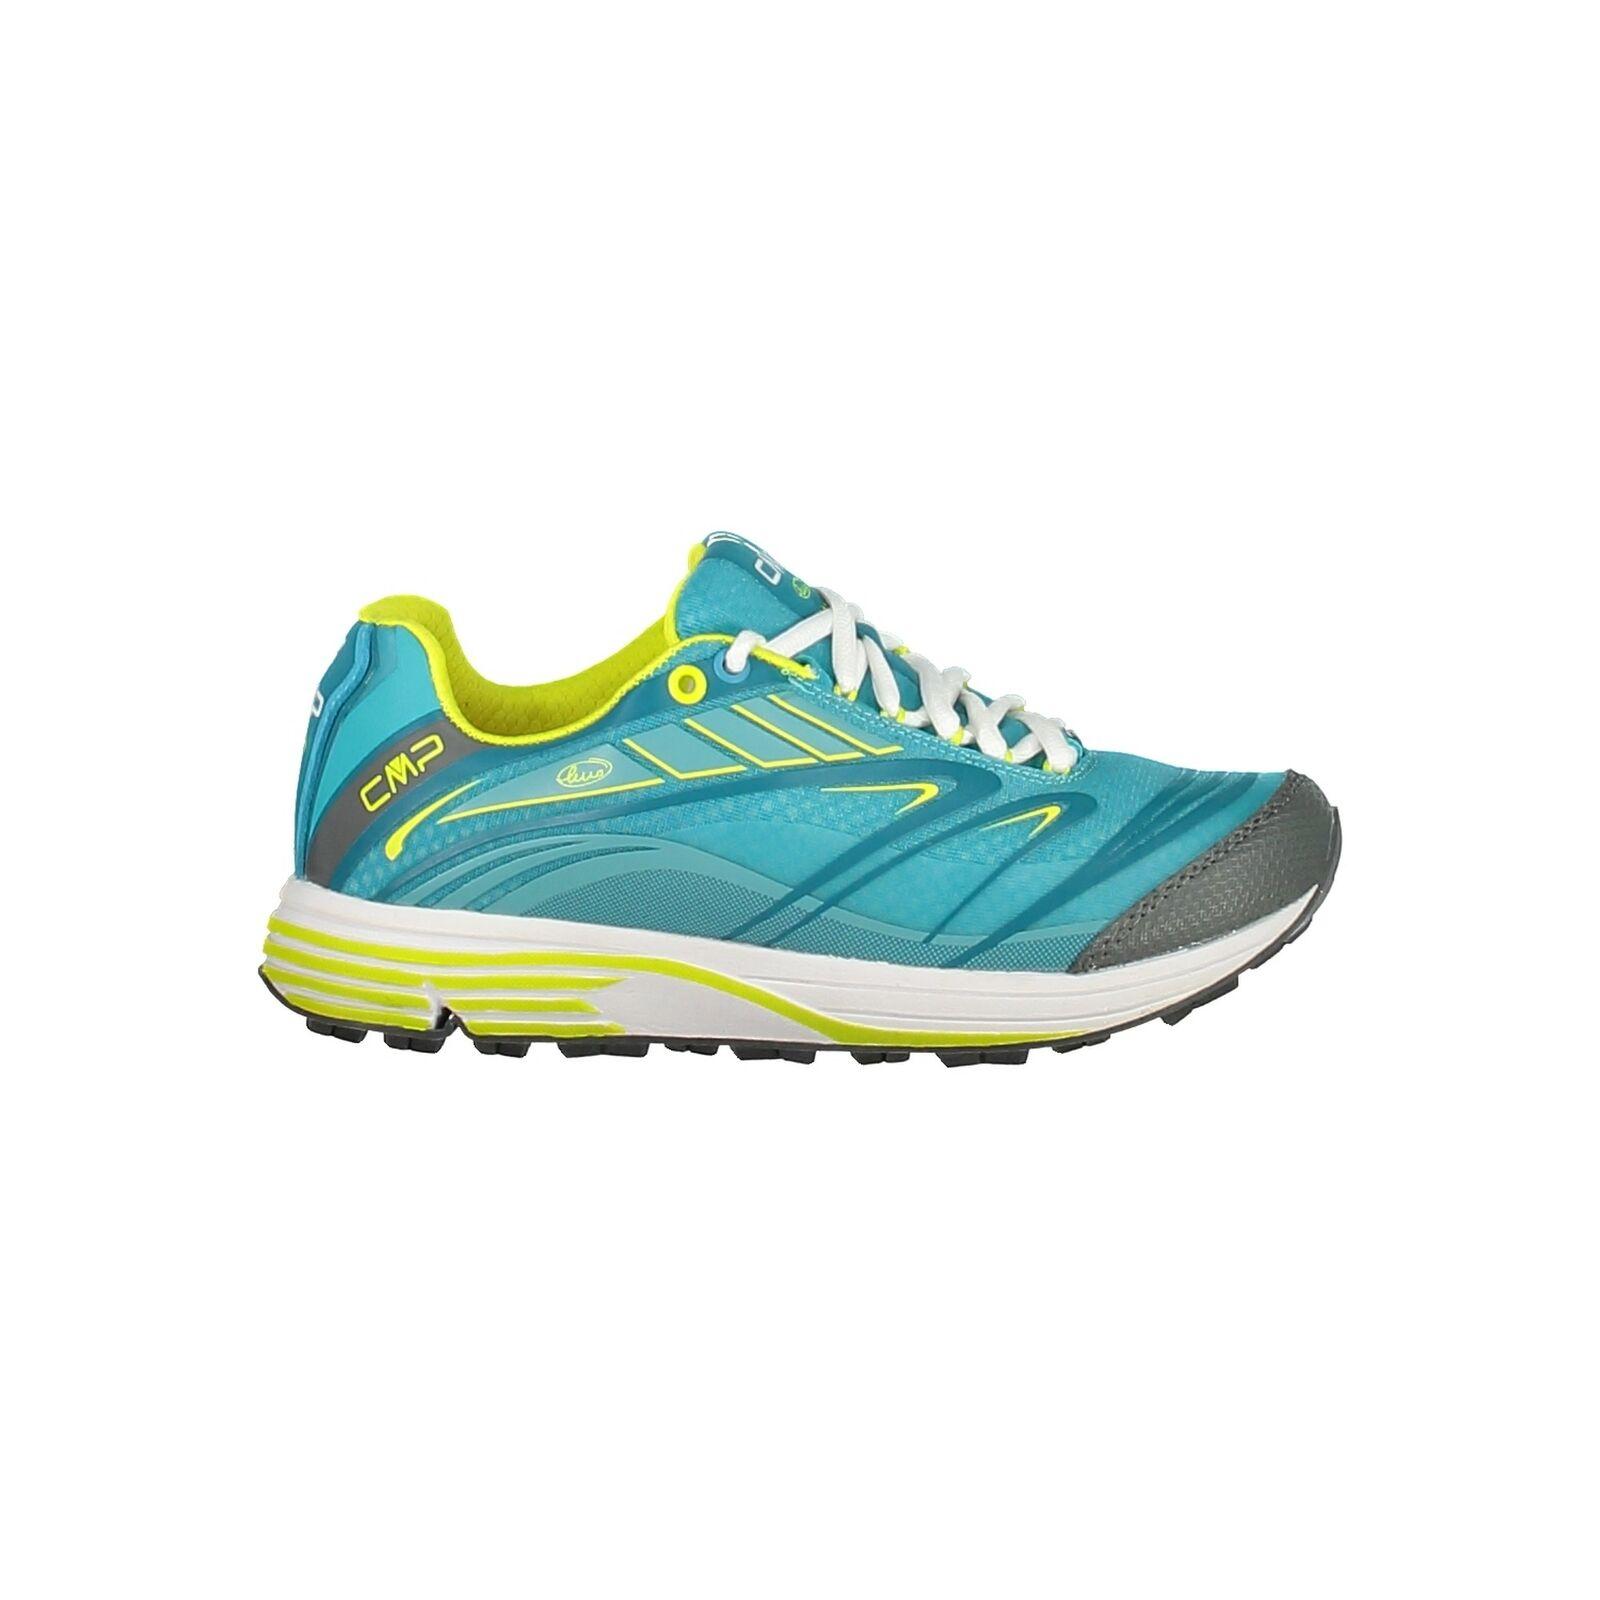 CMP zapatillas calzado deportivo maia WMN Trail zapatos azul ligeramente monocromo nylon Mesh